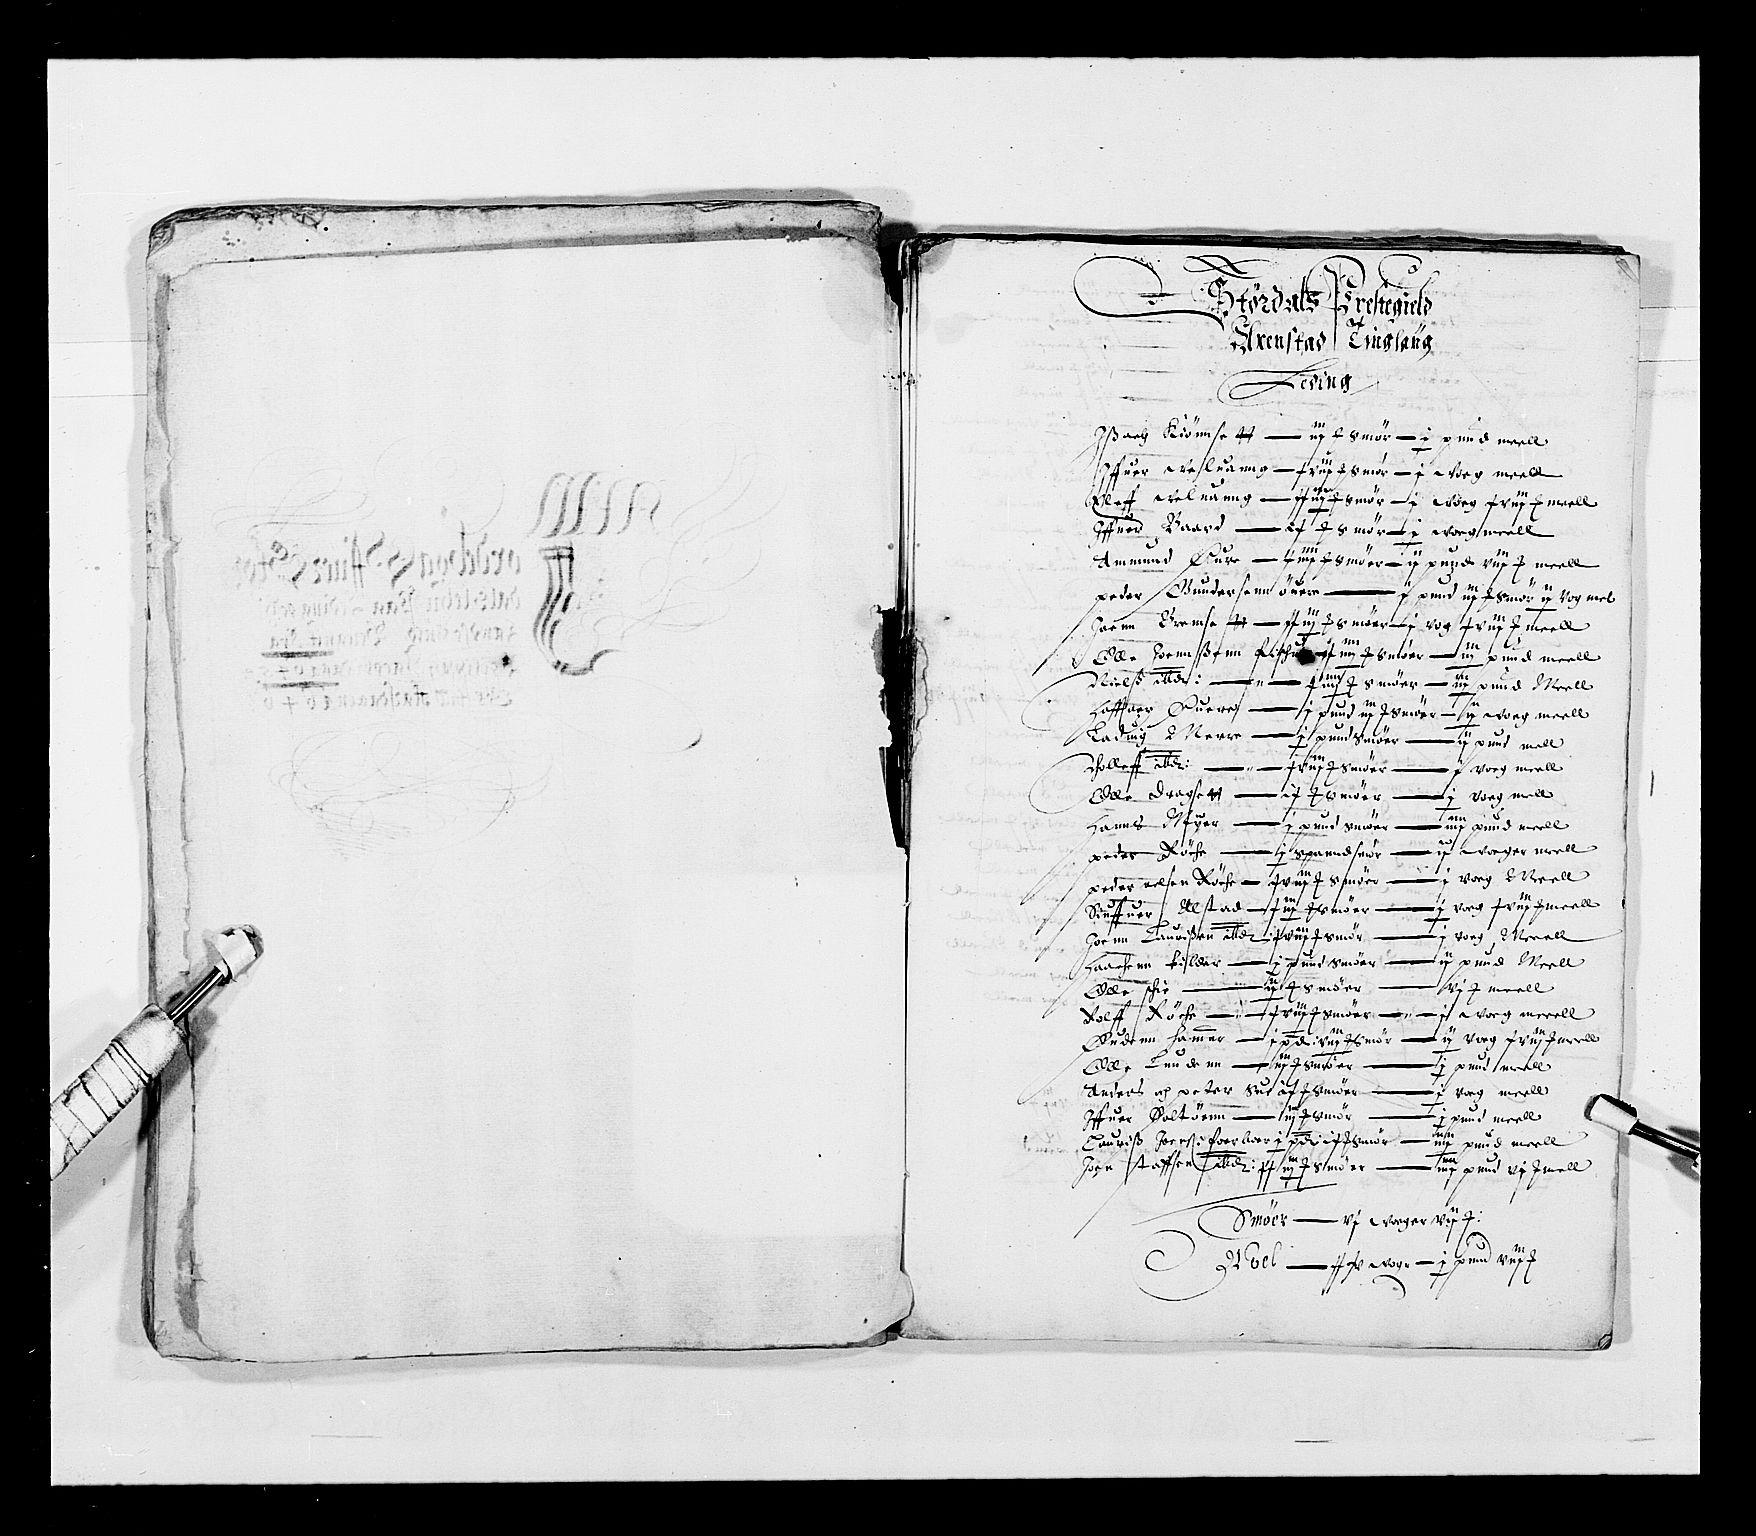 RA, Stattholderembetet 1572-1771, Ek/L0028: Jordebøker 1633-1658:, 1645-1646, s. 130